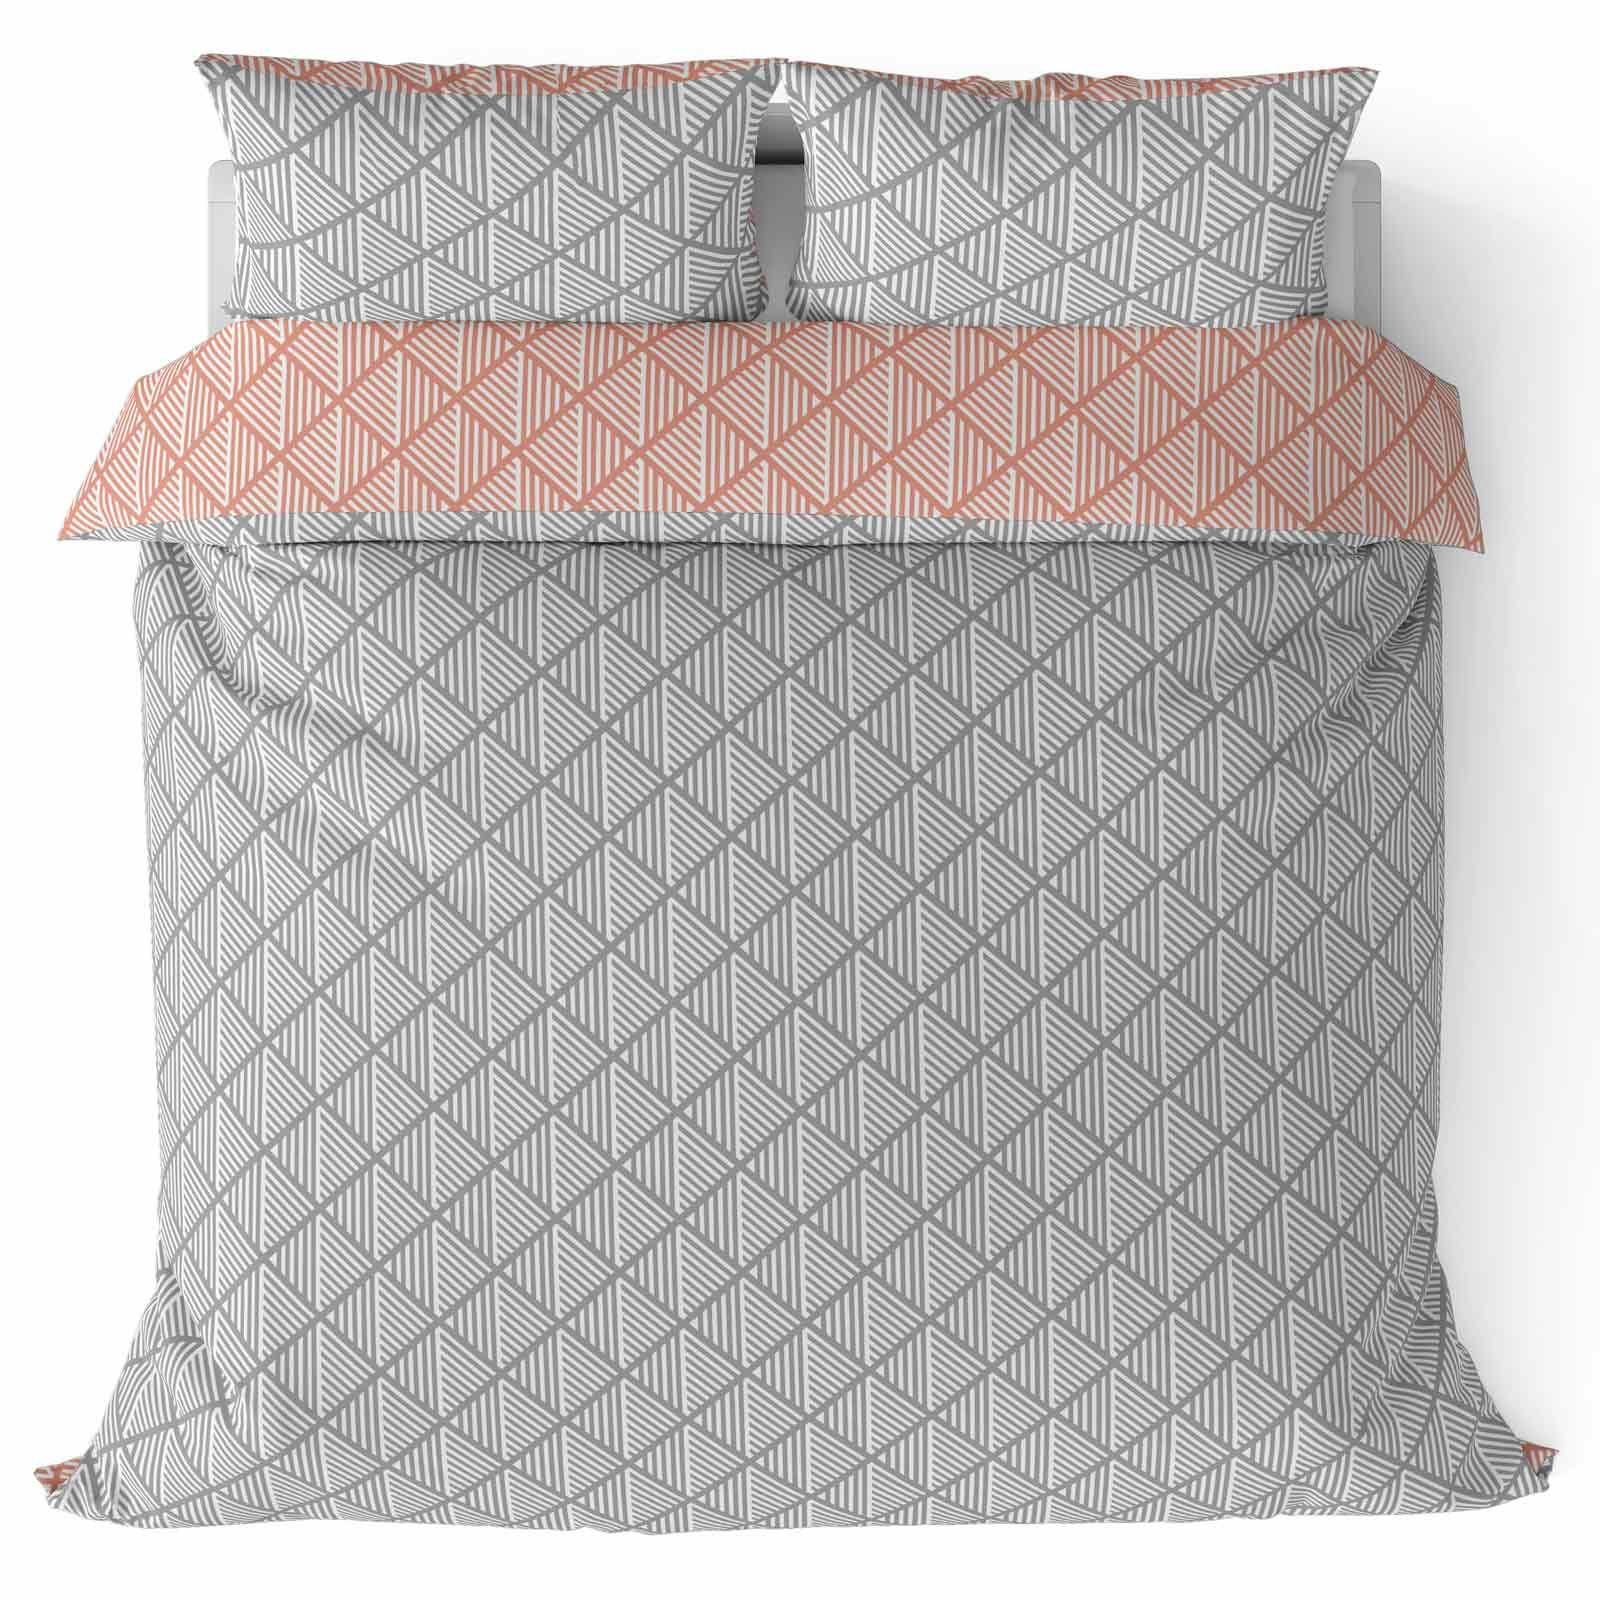 Grigio-Argento-Copripiumino-Stampato-Jacquard-Quilt-Set-Set-di-biancheria-da-letto-copre miniatura 26